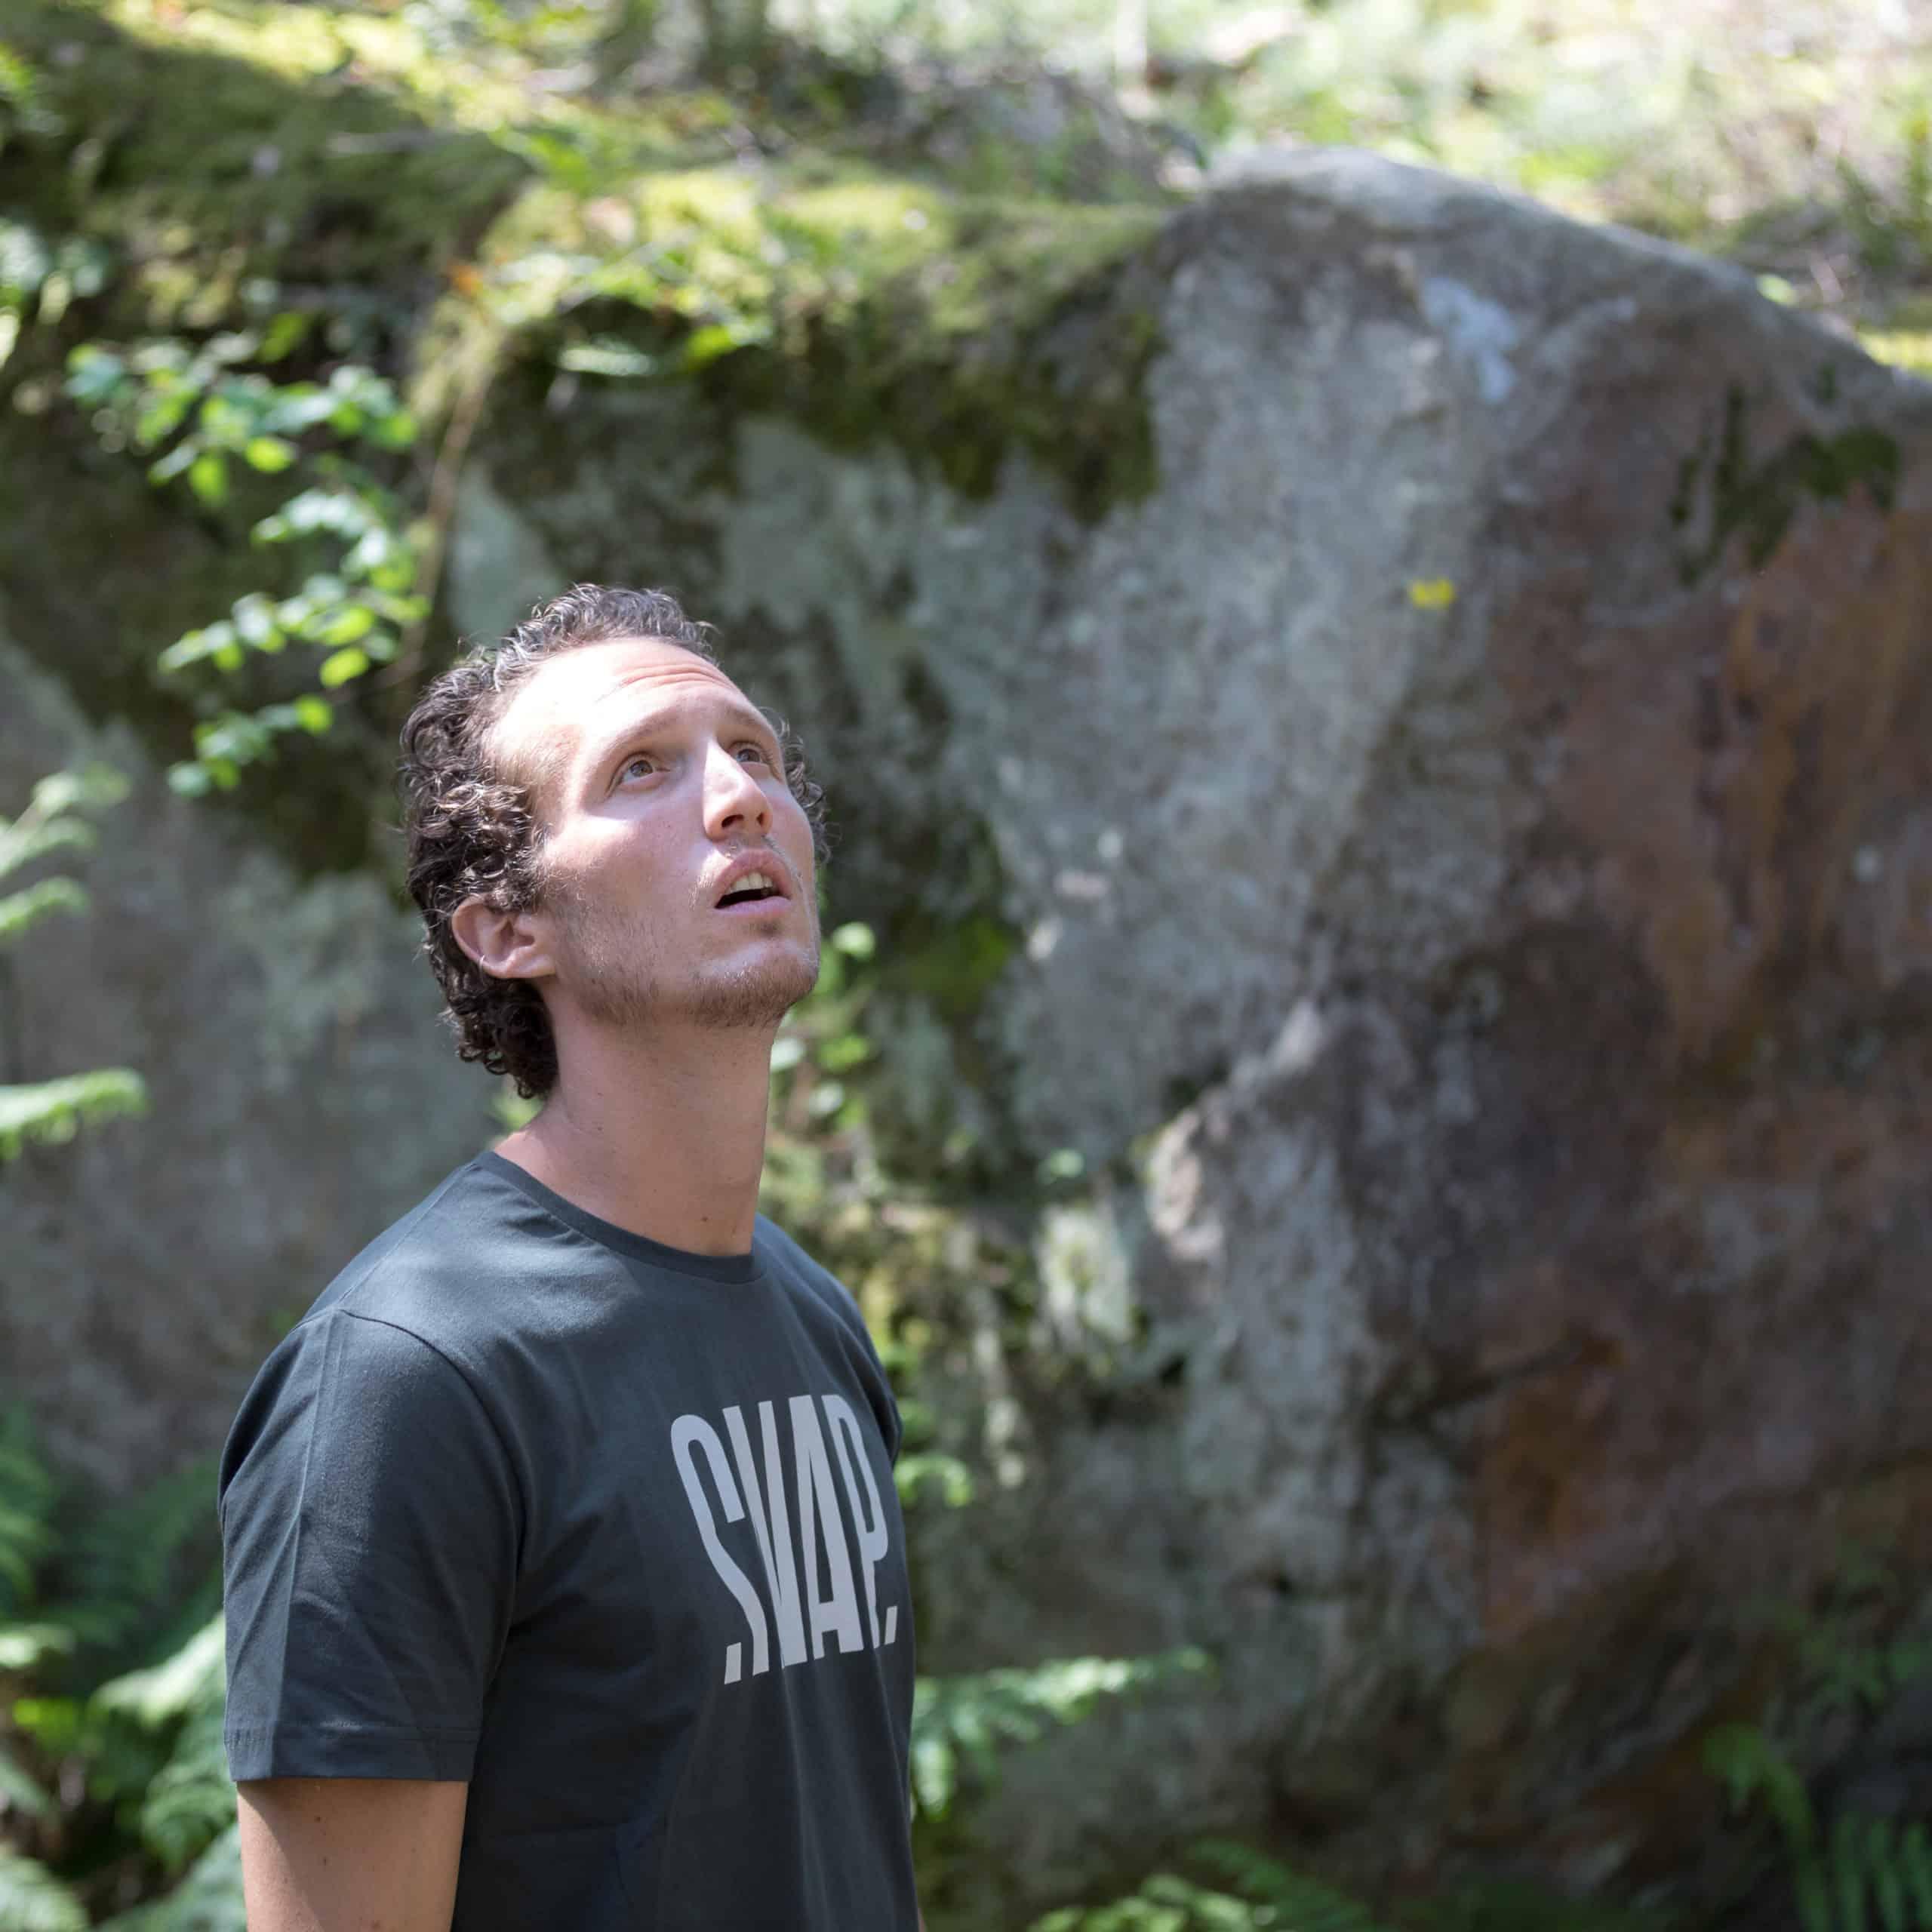 climber with an organic T-shirt SNAP